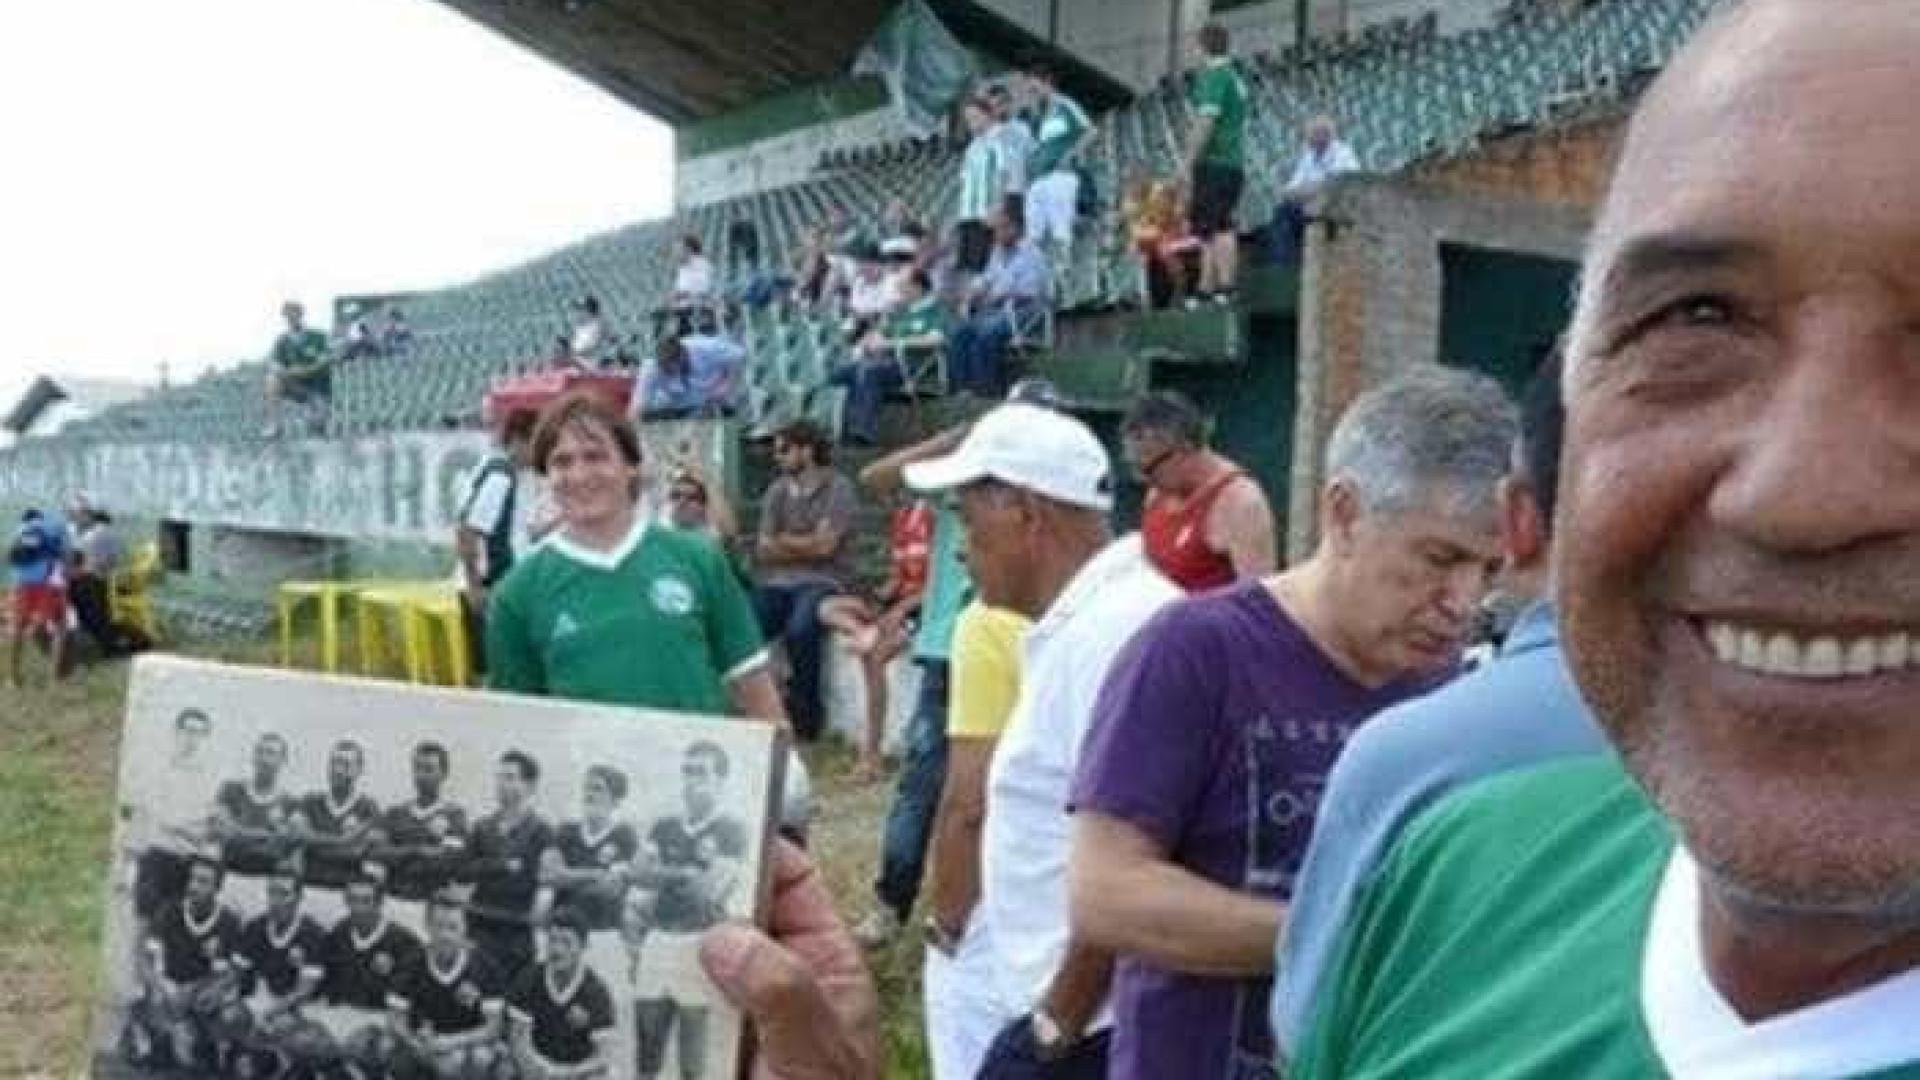 Desaparecido há 9 meses, ex-jogador do Grêmio é encontrado morto